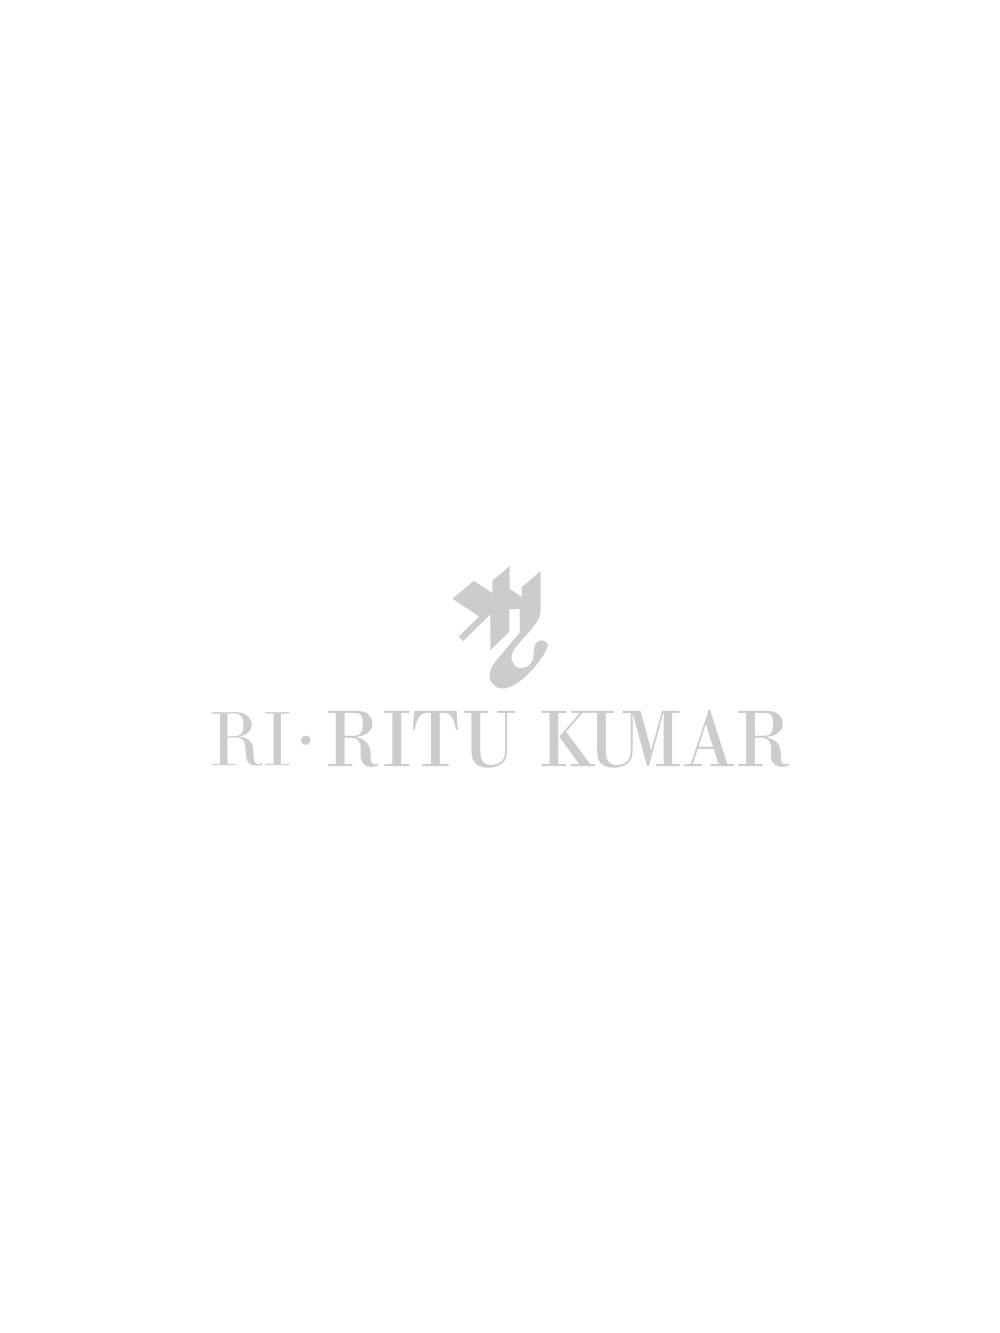 82c6e0a817 Buy Indian Designer Diana Penty in Black Velvet Lehenga, Designer Black  Lehenga | Ritu Kumar Online